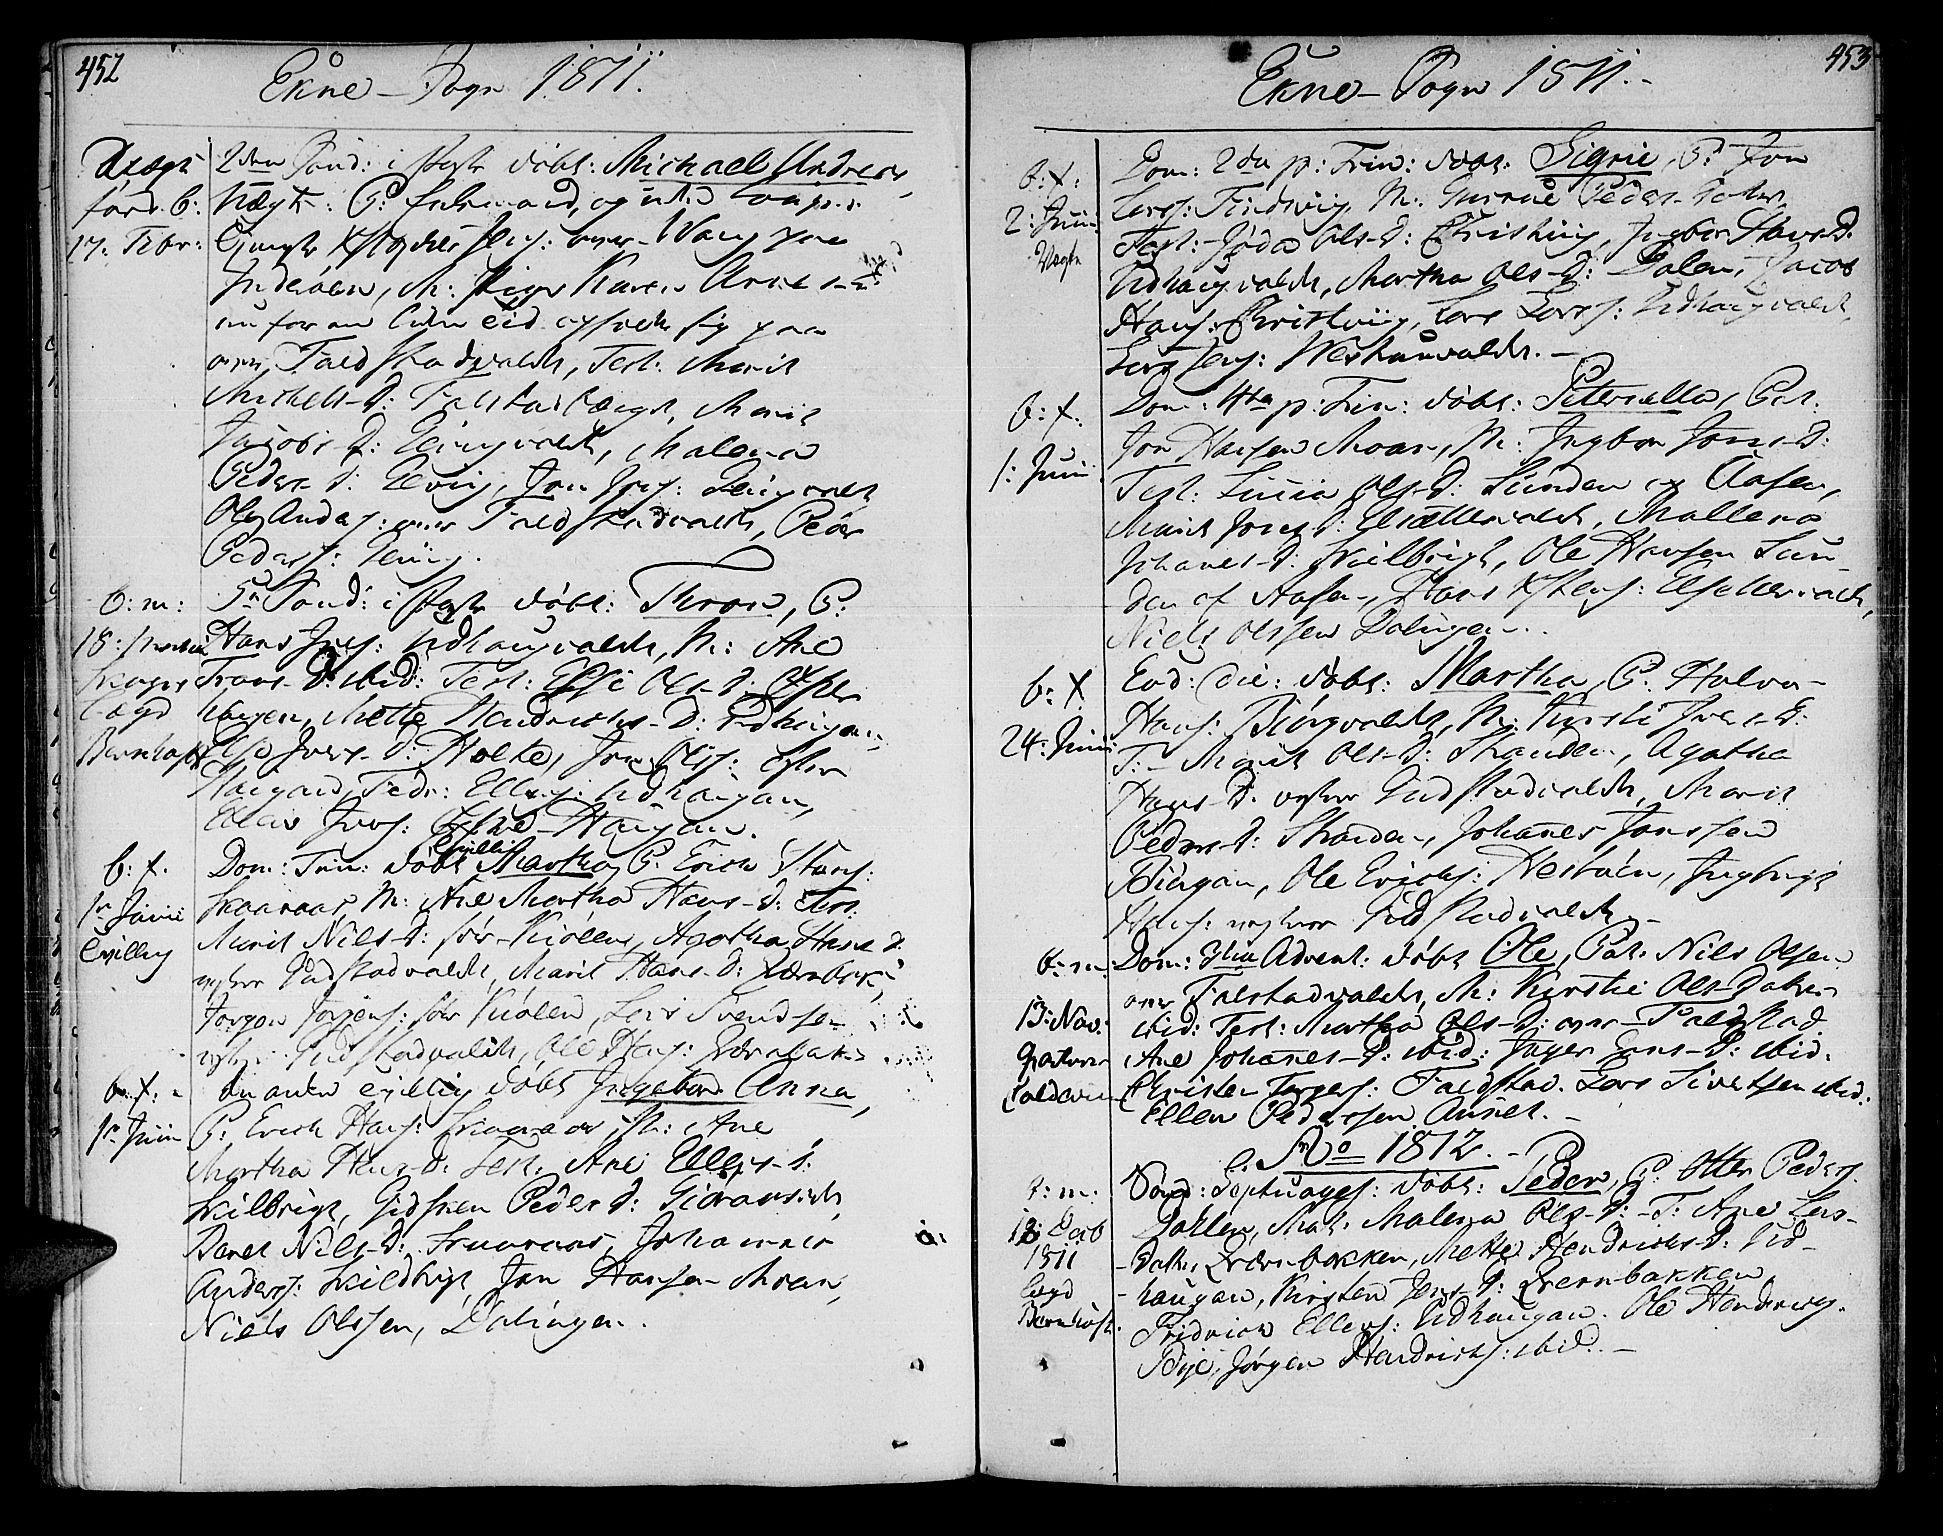 SAT, Ministerialprotokoller, klokkerbøker og fødselsregistre - Nord-Trøndelag, 717/L0145: Ministerialbok nr. 717A03 /2, 1810-1815, s. 452-453